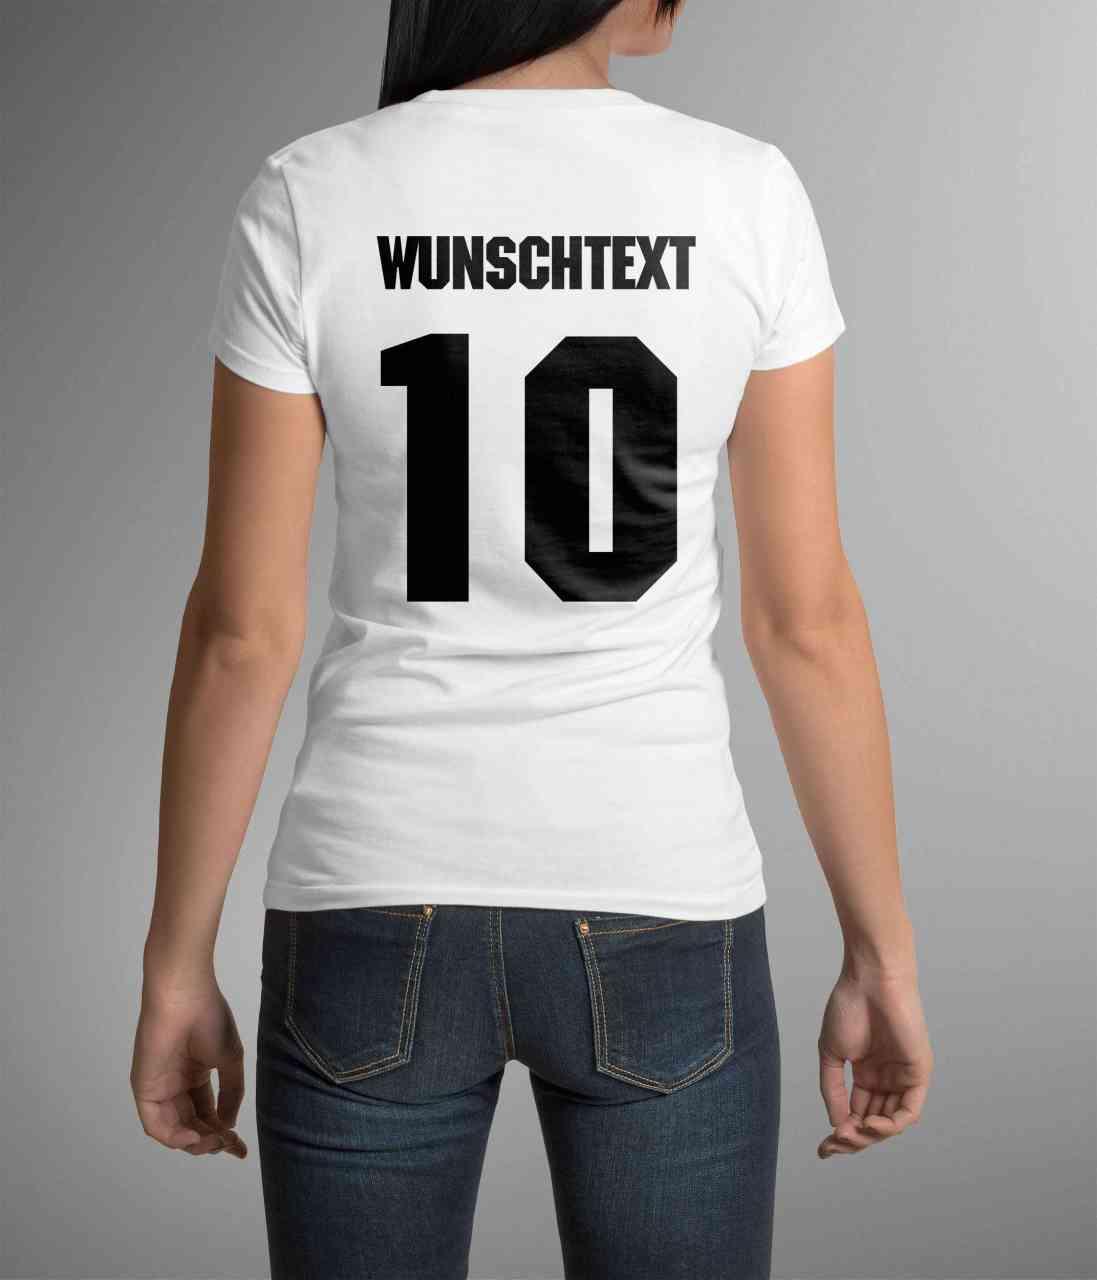 South Korea | Süd Korea | Männer/Frauen Trikot/T-Shirt mit Wunsch Nummer + Name | WM 2018